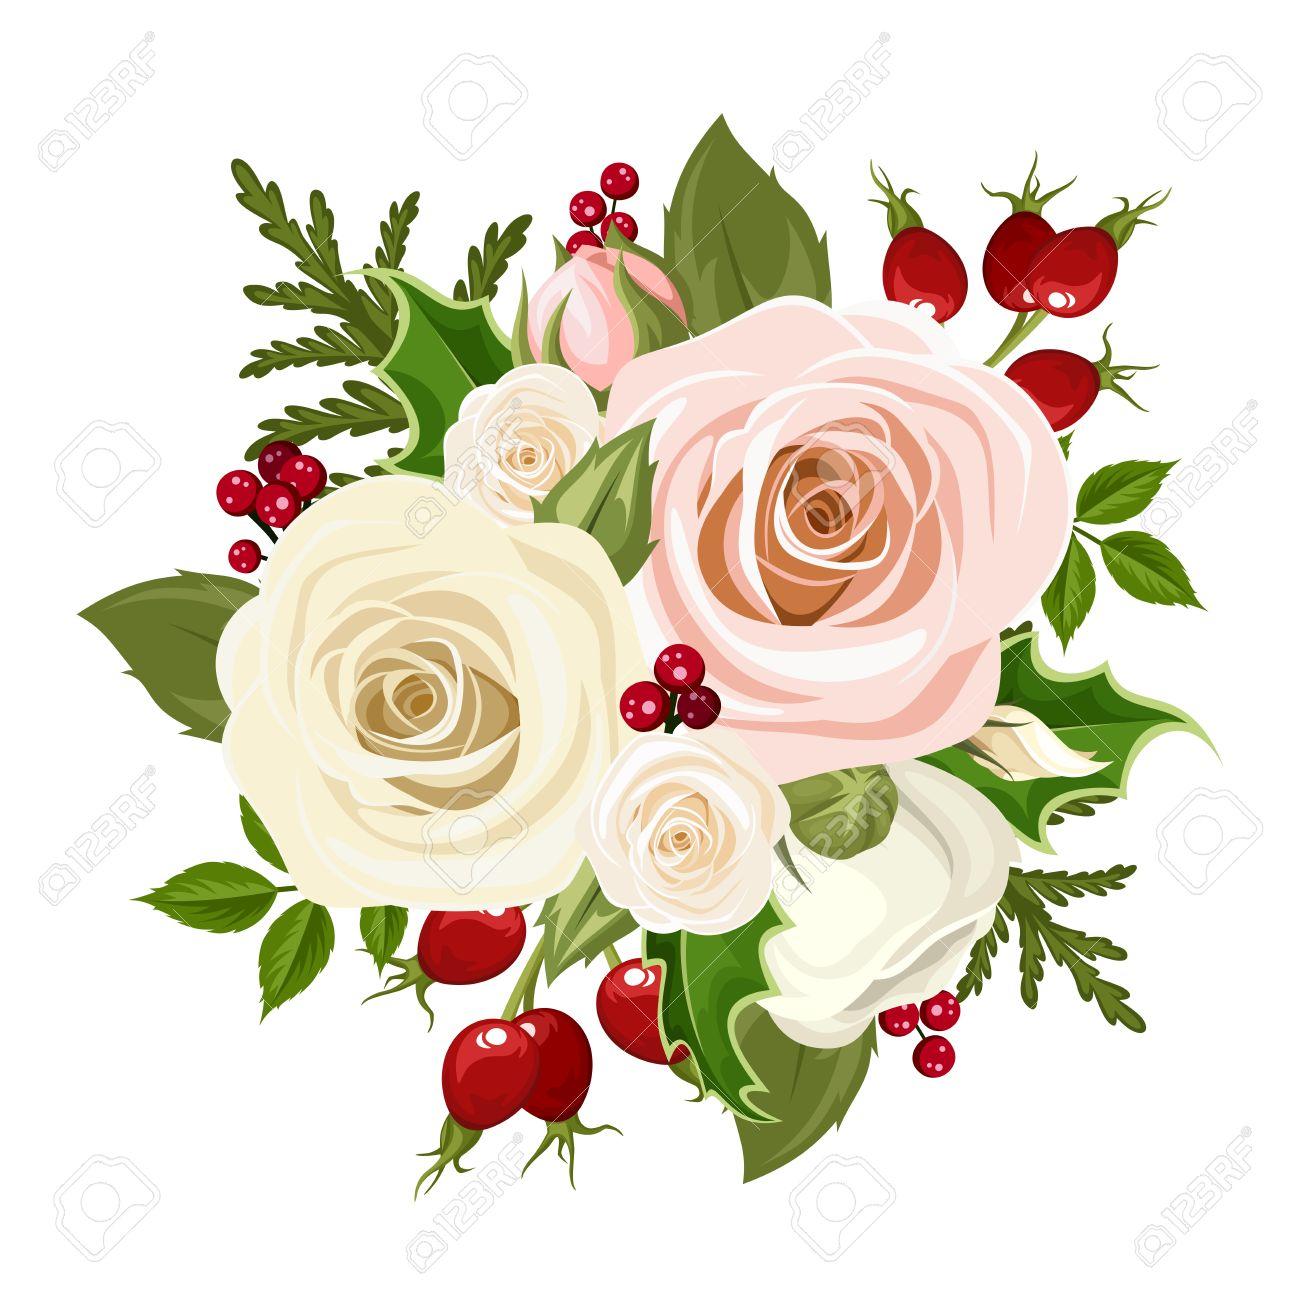 Vector Weihnachten Bouquet Mit Rosa Und Weißen Rosen, Hagebutten ...